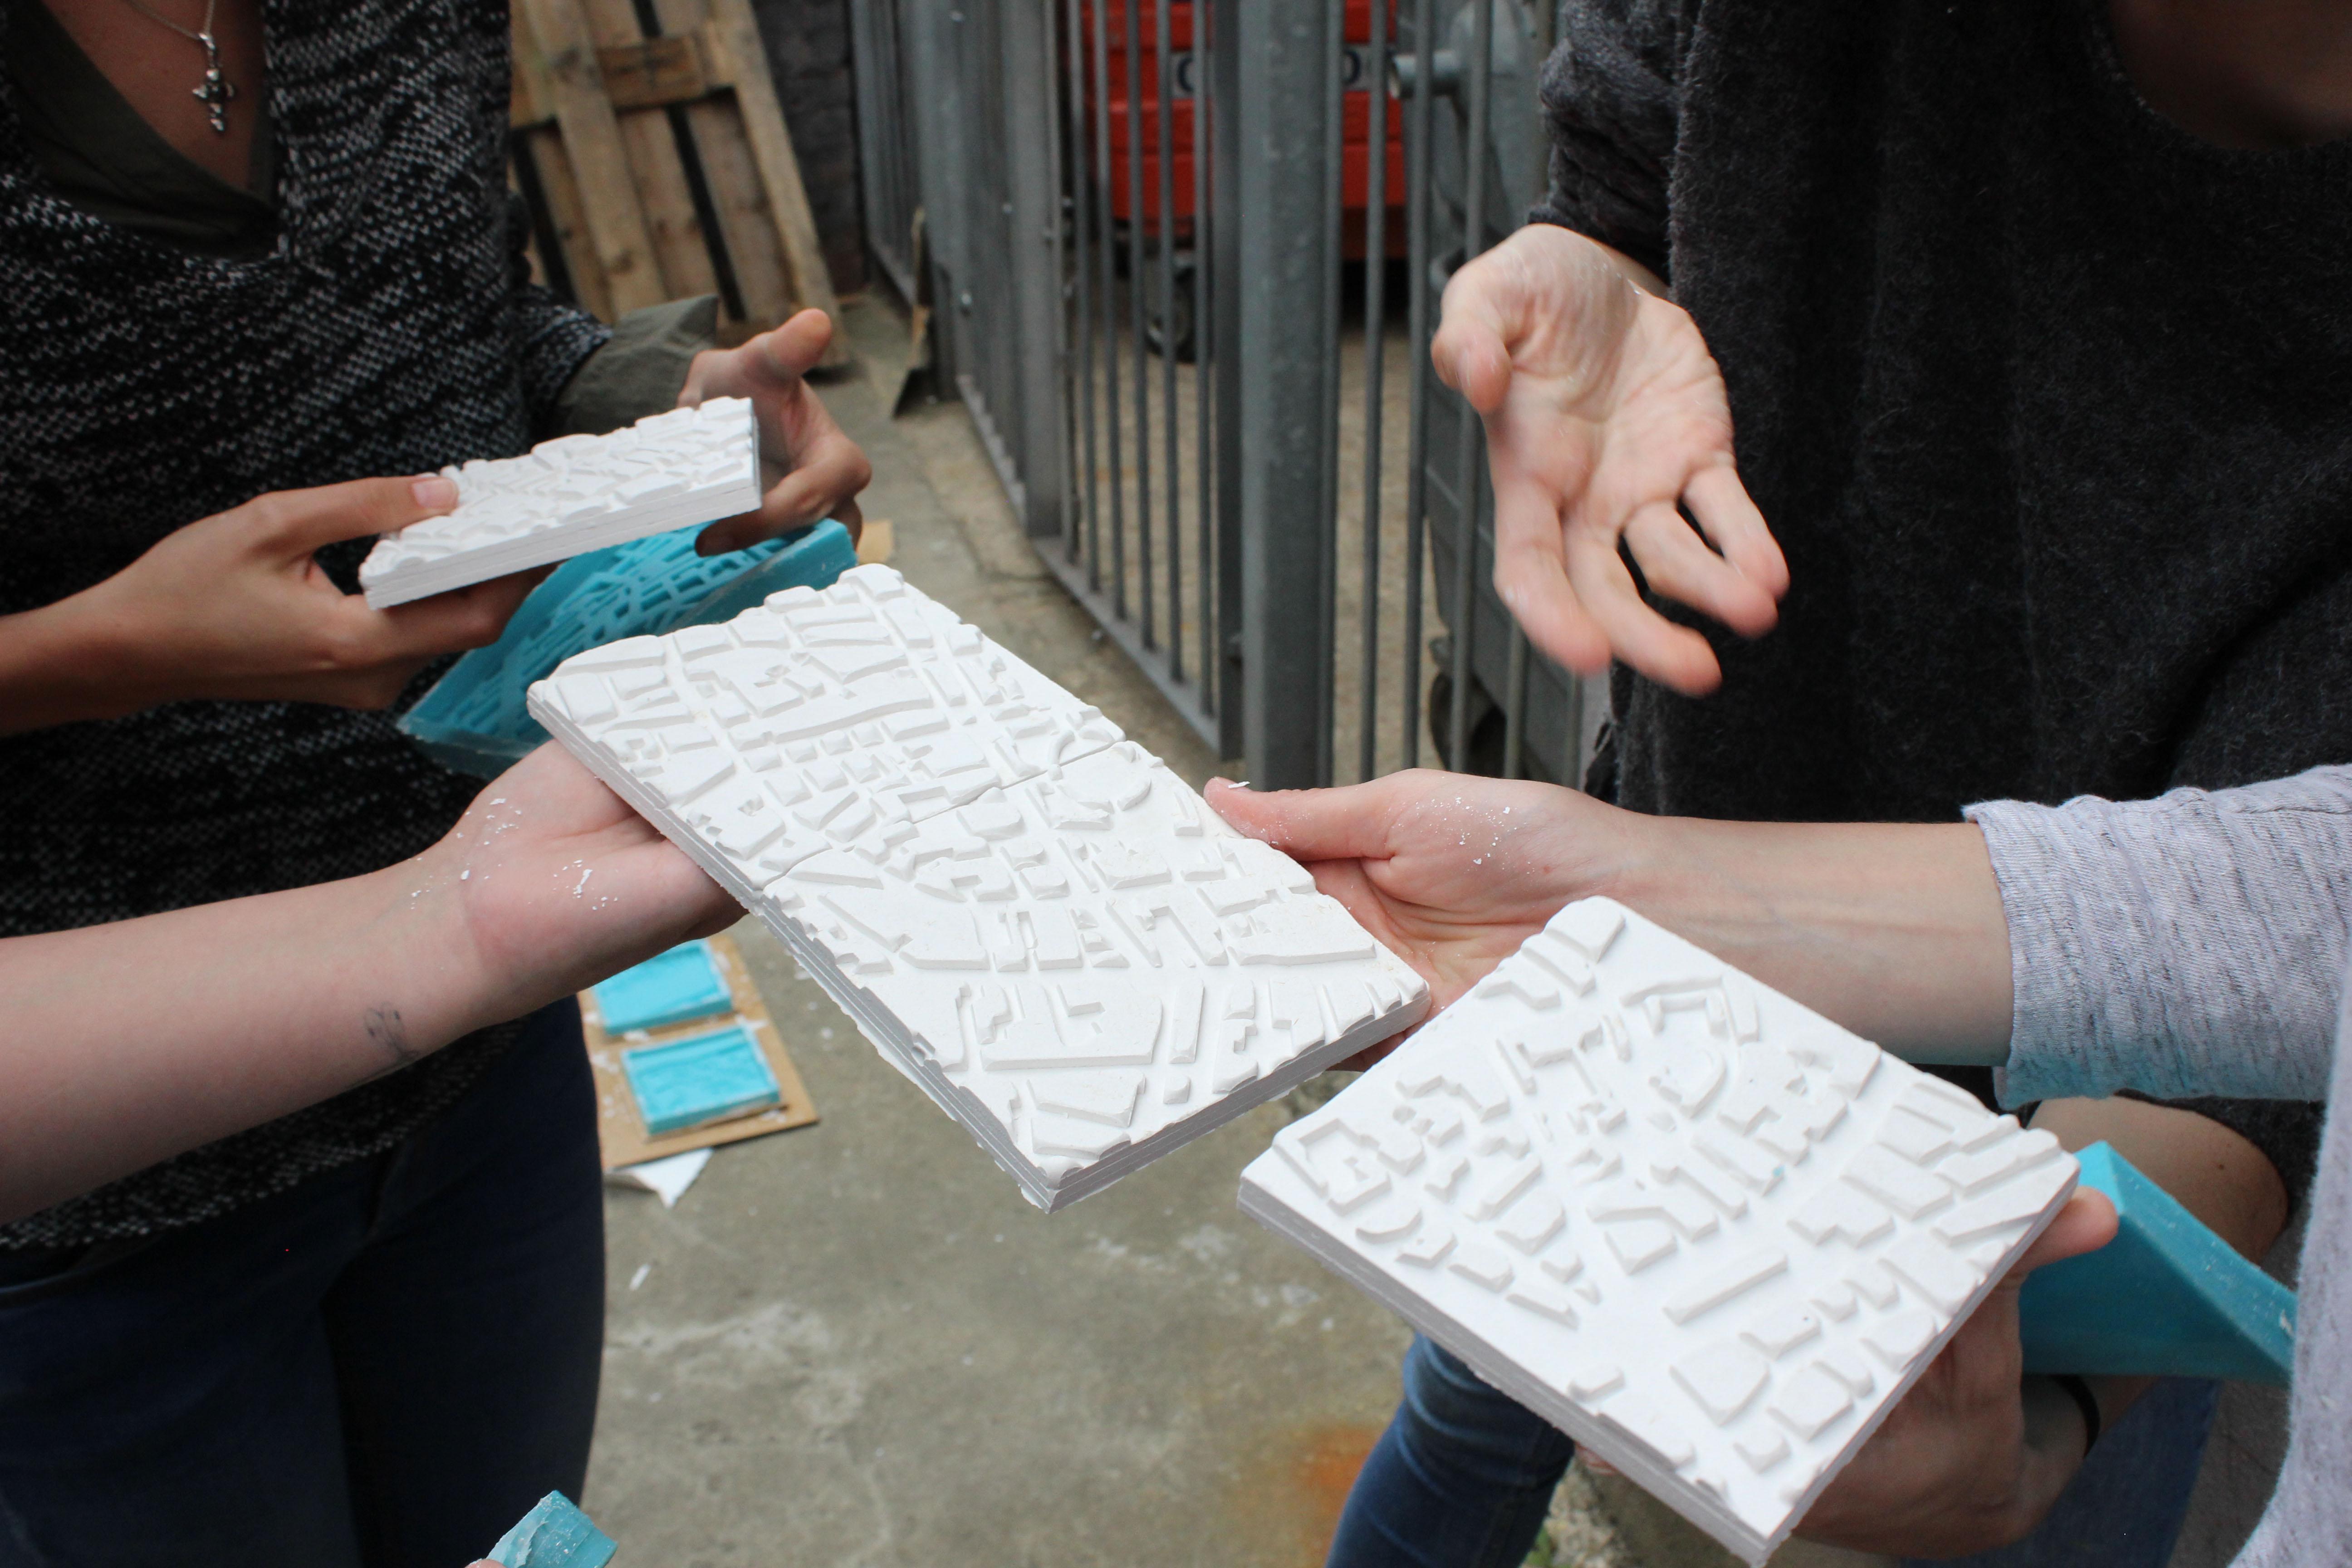 Architecture Model Making by Atelier La Juntana - crafts in London